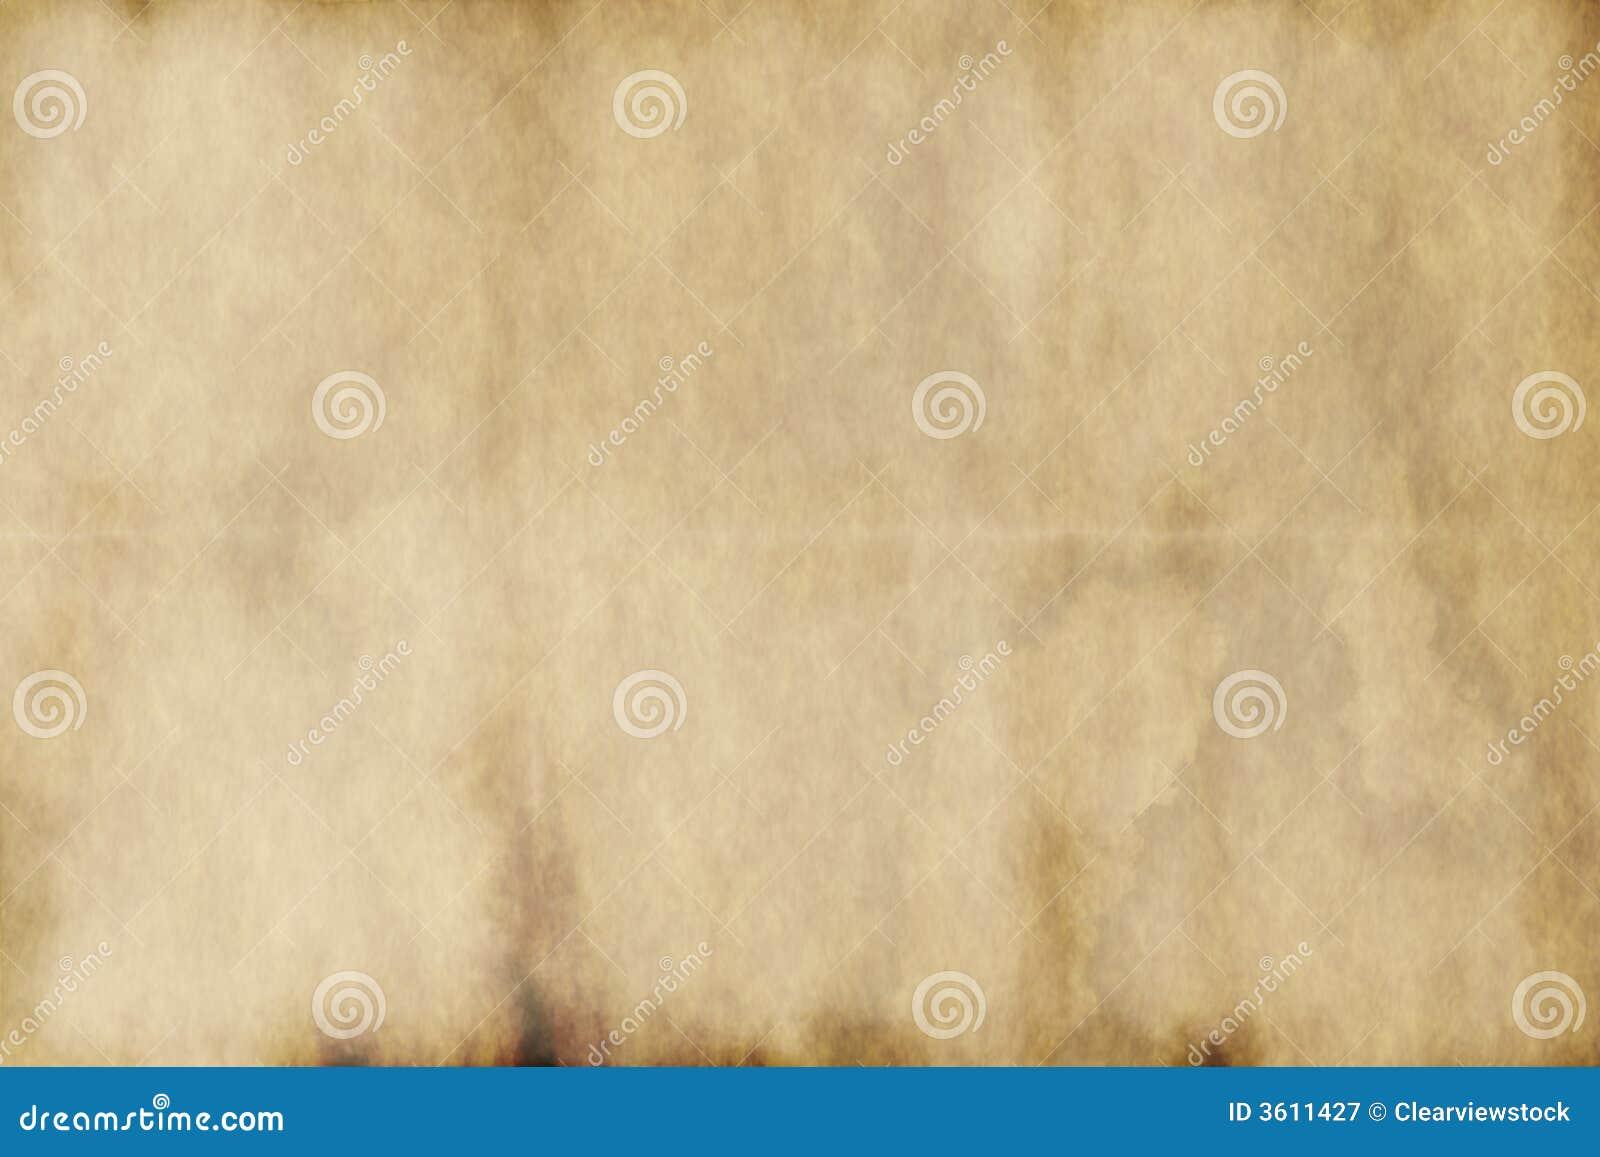 Vieux papier parcheminé usé